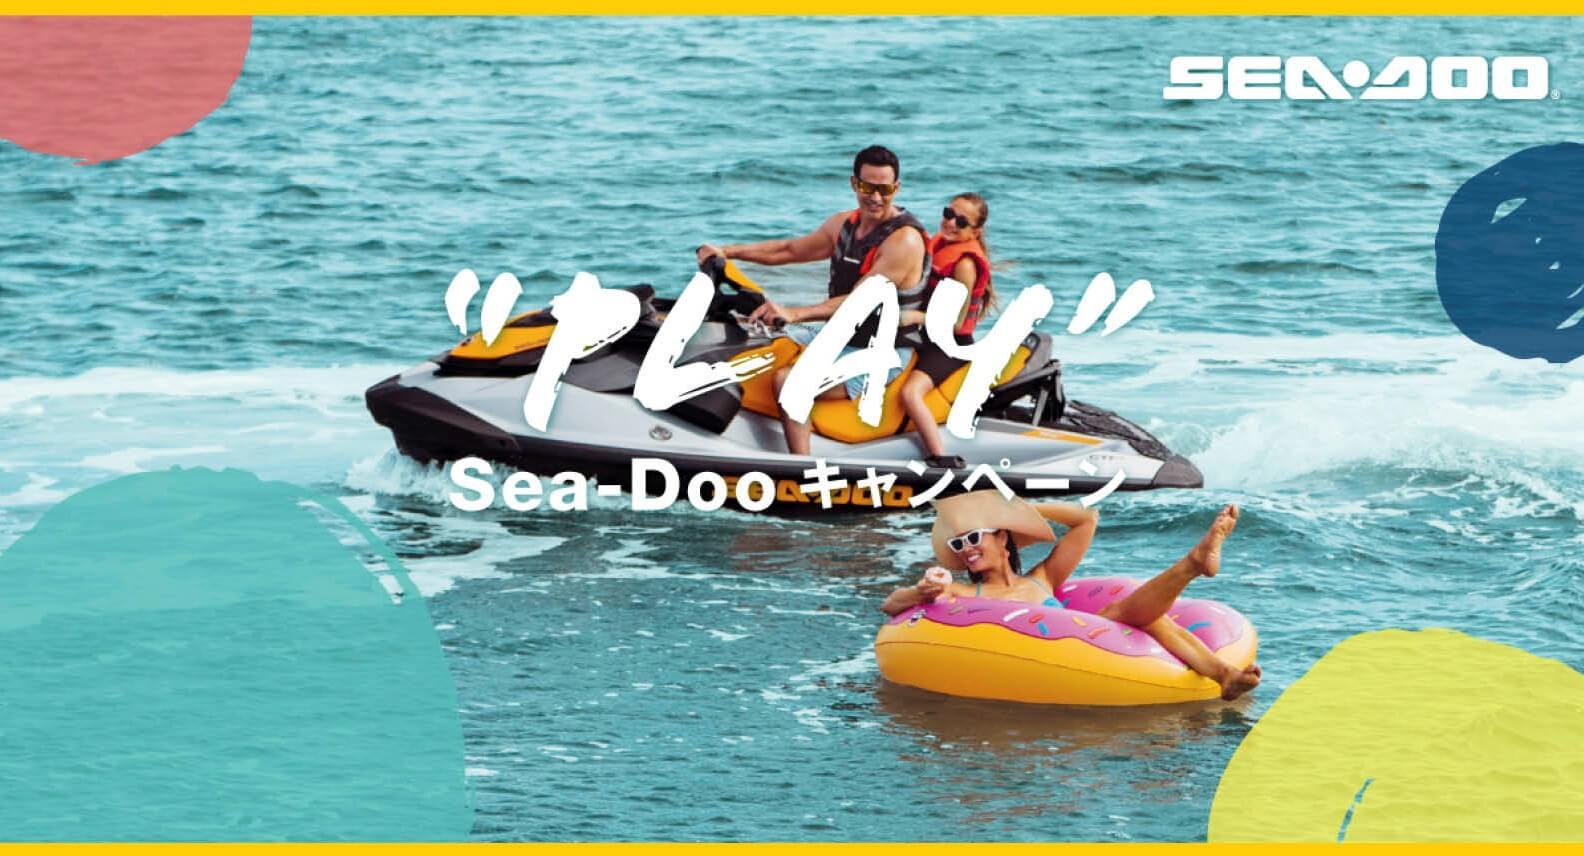 【キャンペーン】免許取得代金が全額サポートされるチャンス BRP「PLAY Sea-Doo キャンペーン」実施中